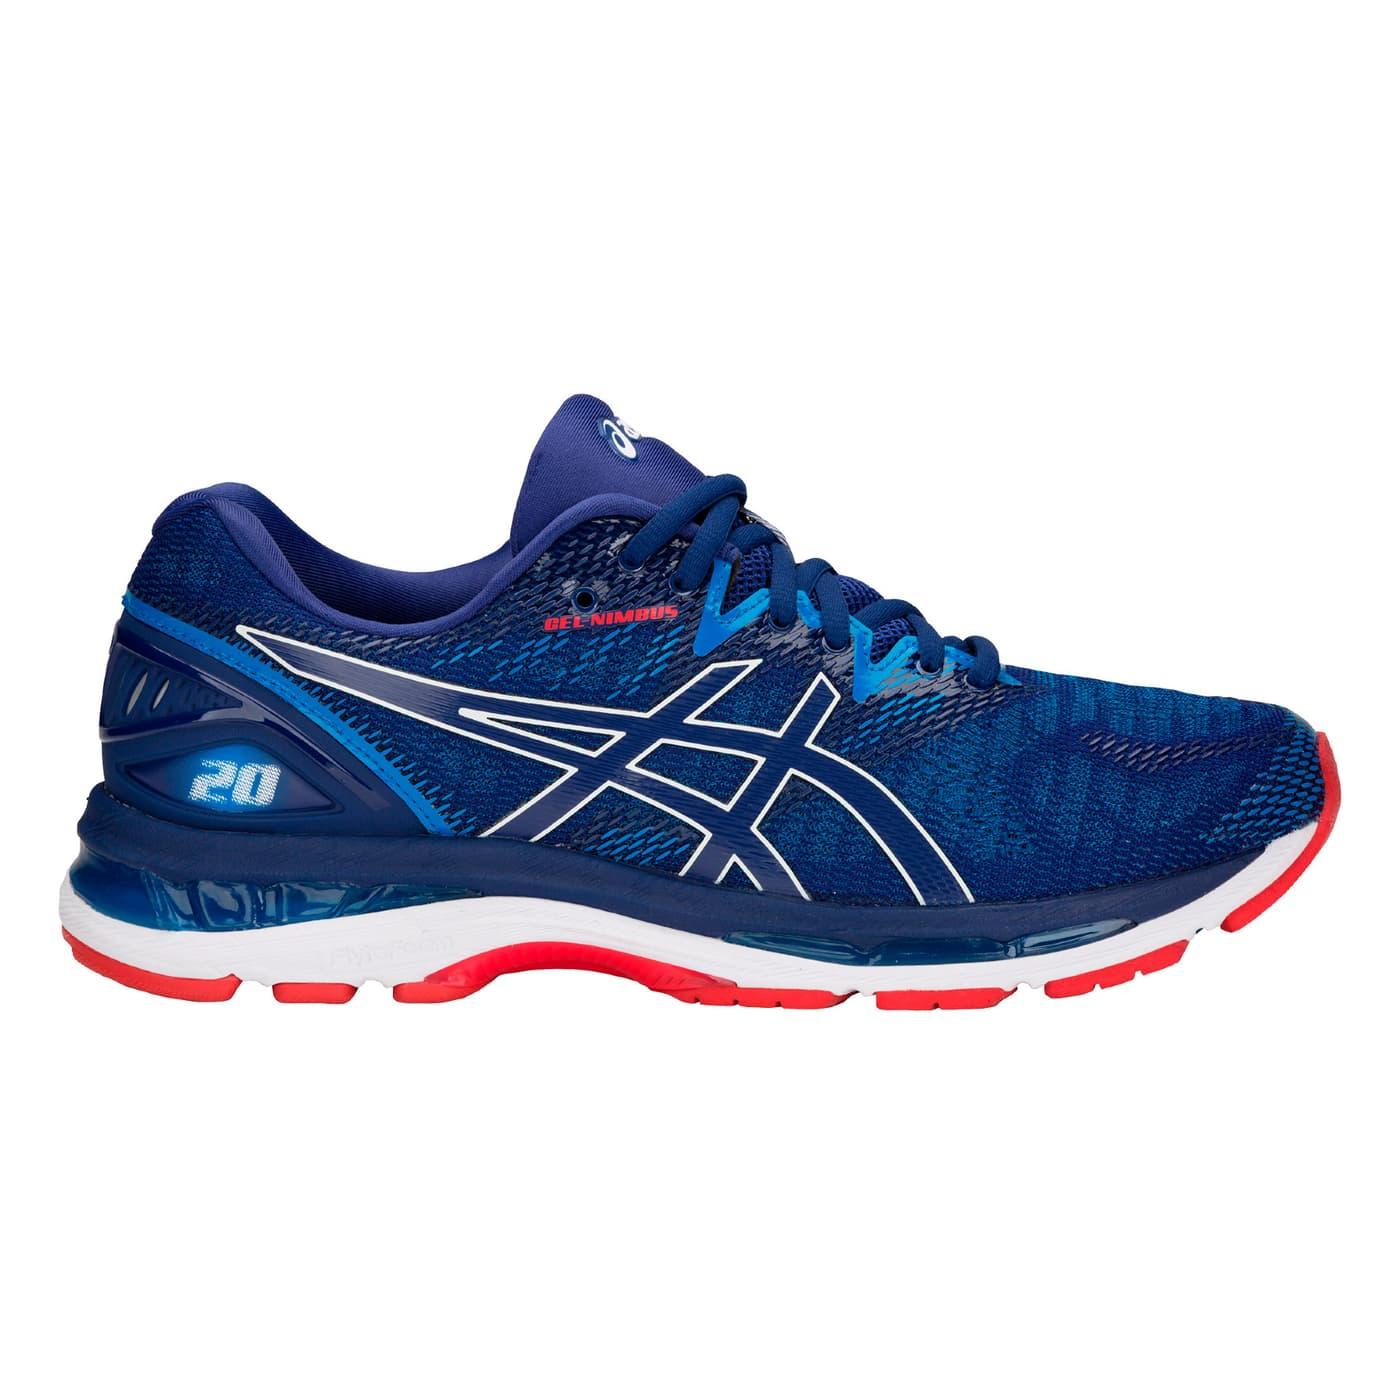 quality design 43224 0272e Asics Gel Nimbus 20 Chaussures de course pour homme ...